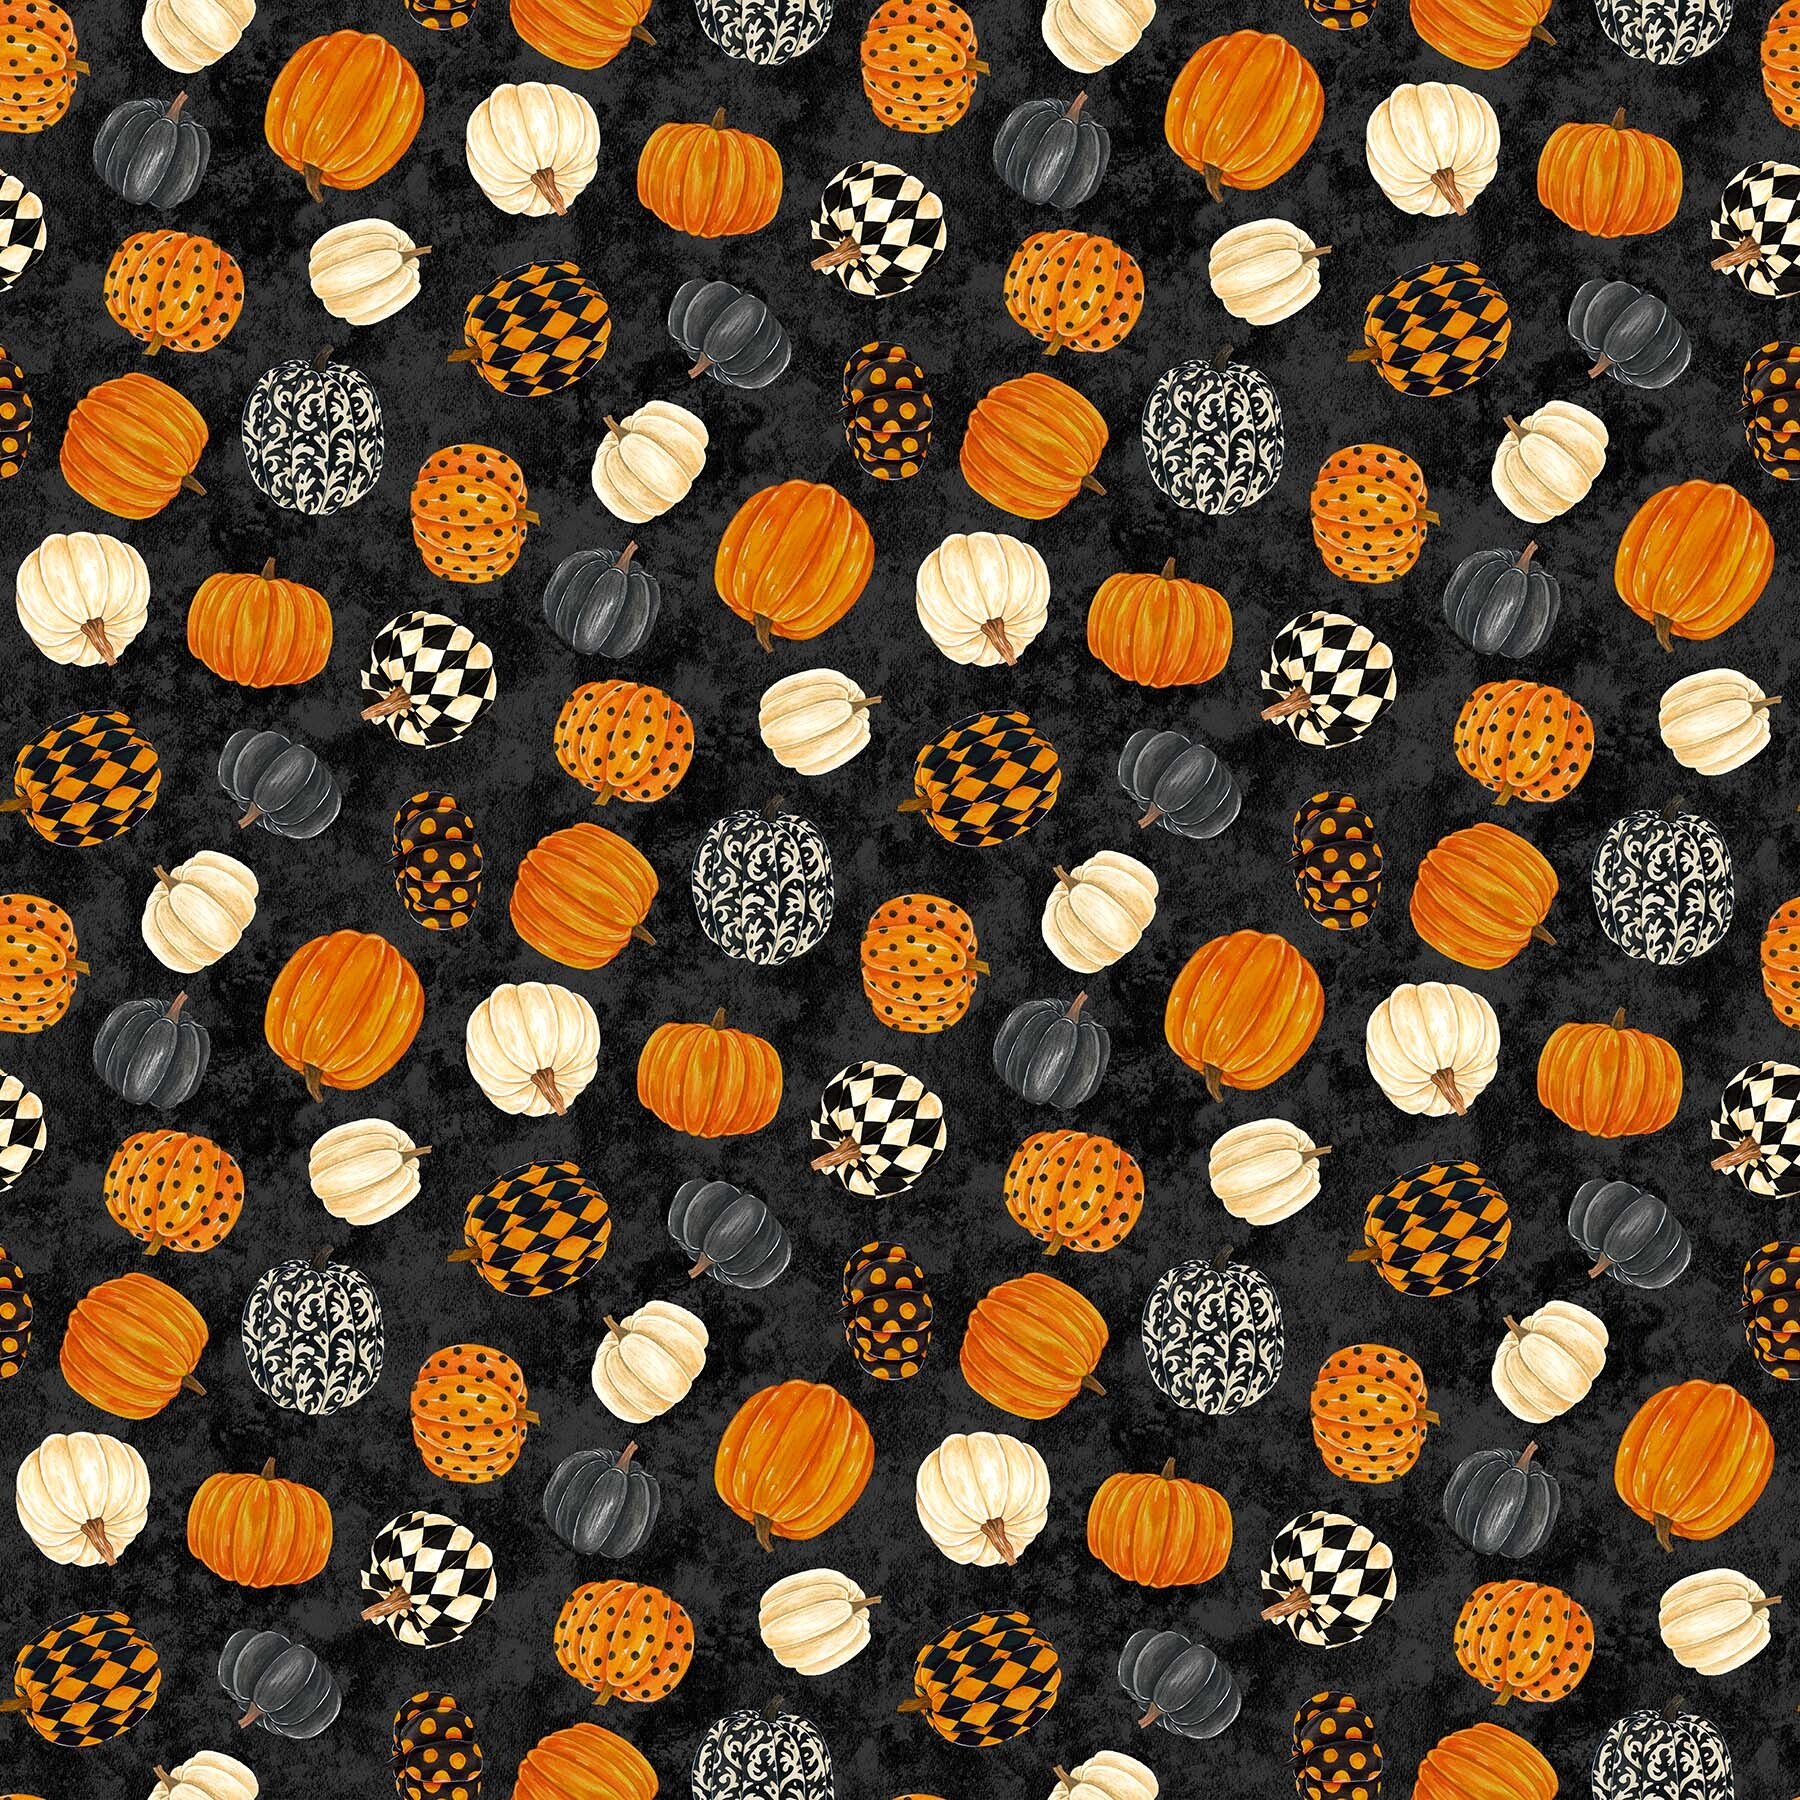 Black Cat Capers - Pumpkins on Black - 1/2m cut 57885